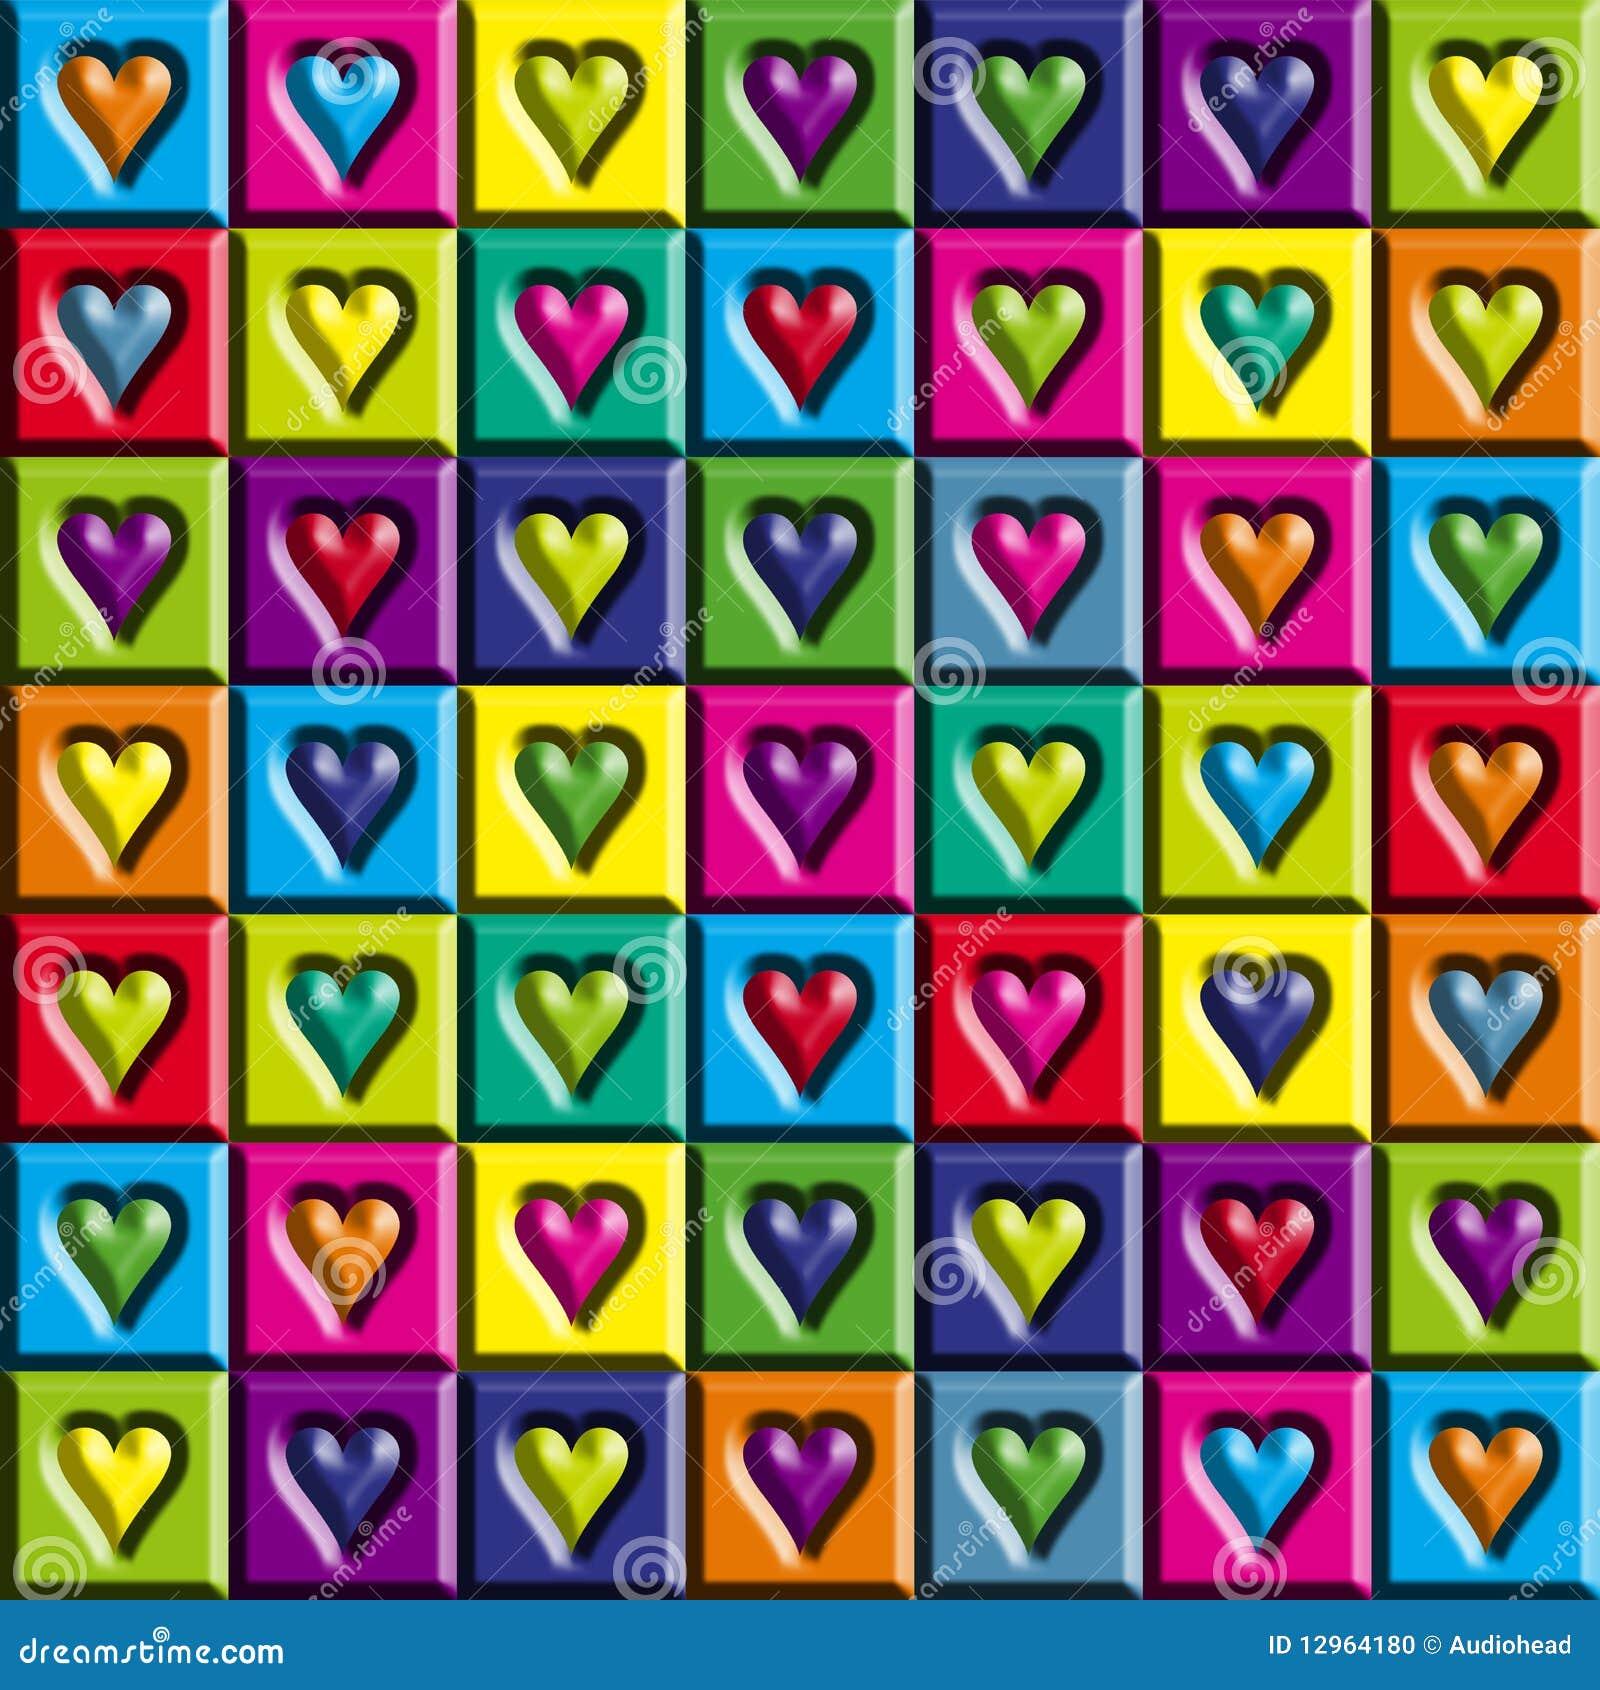 Multicolored Hearts